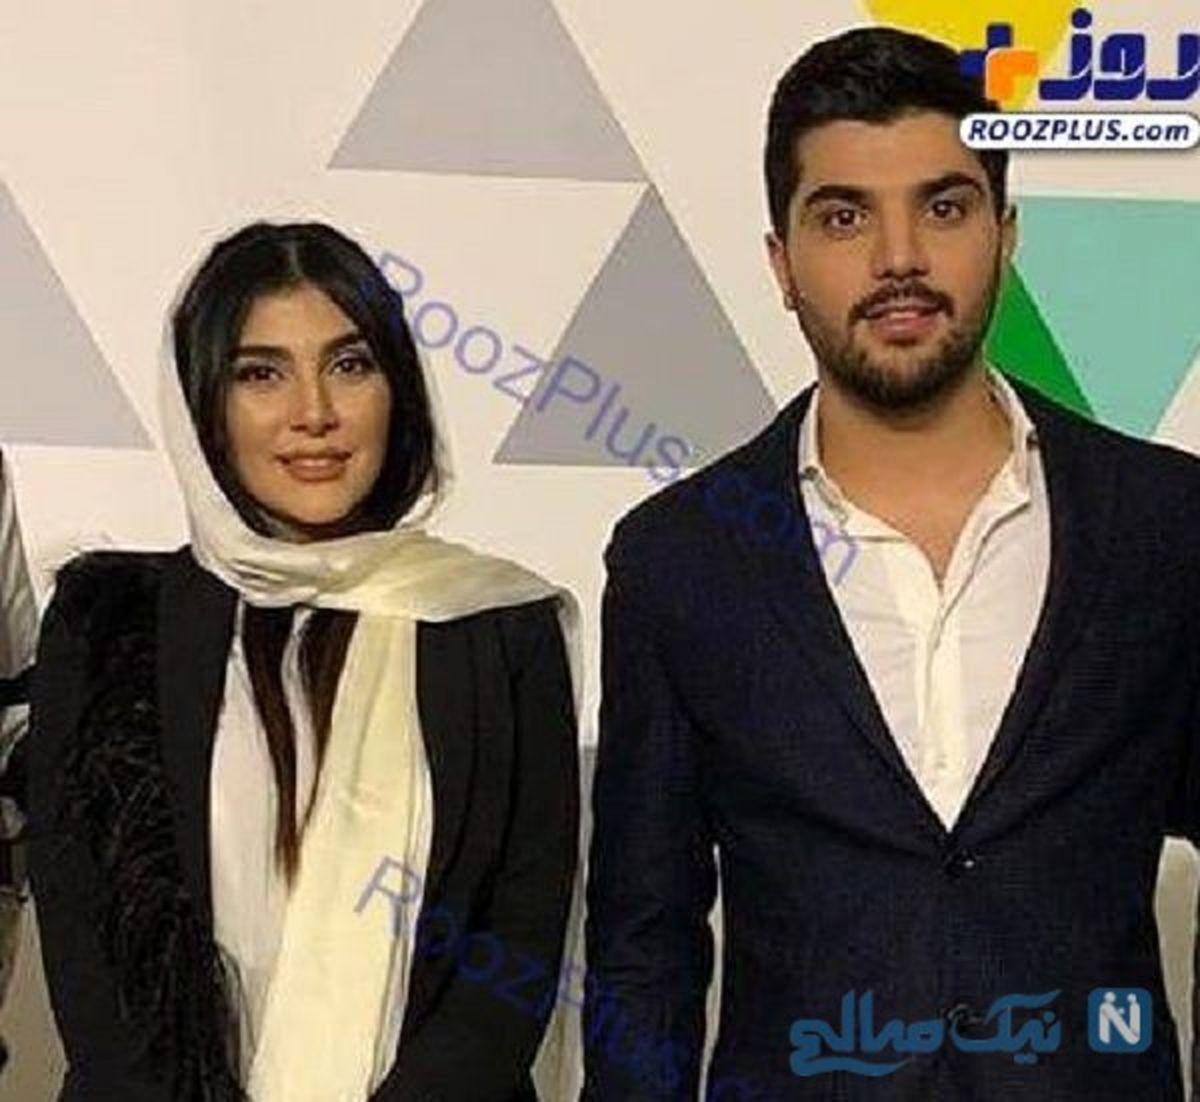 عکس لورفته از سینا مهراد در کنار عروس جدیدش در لباس دامادی + عکس دونفره